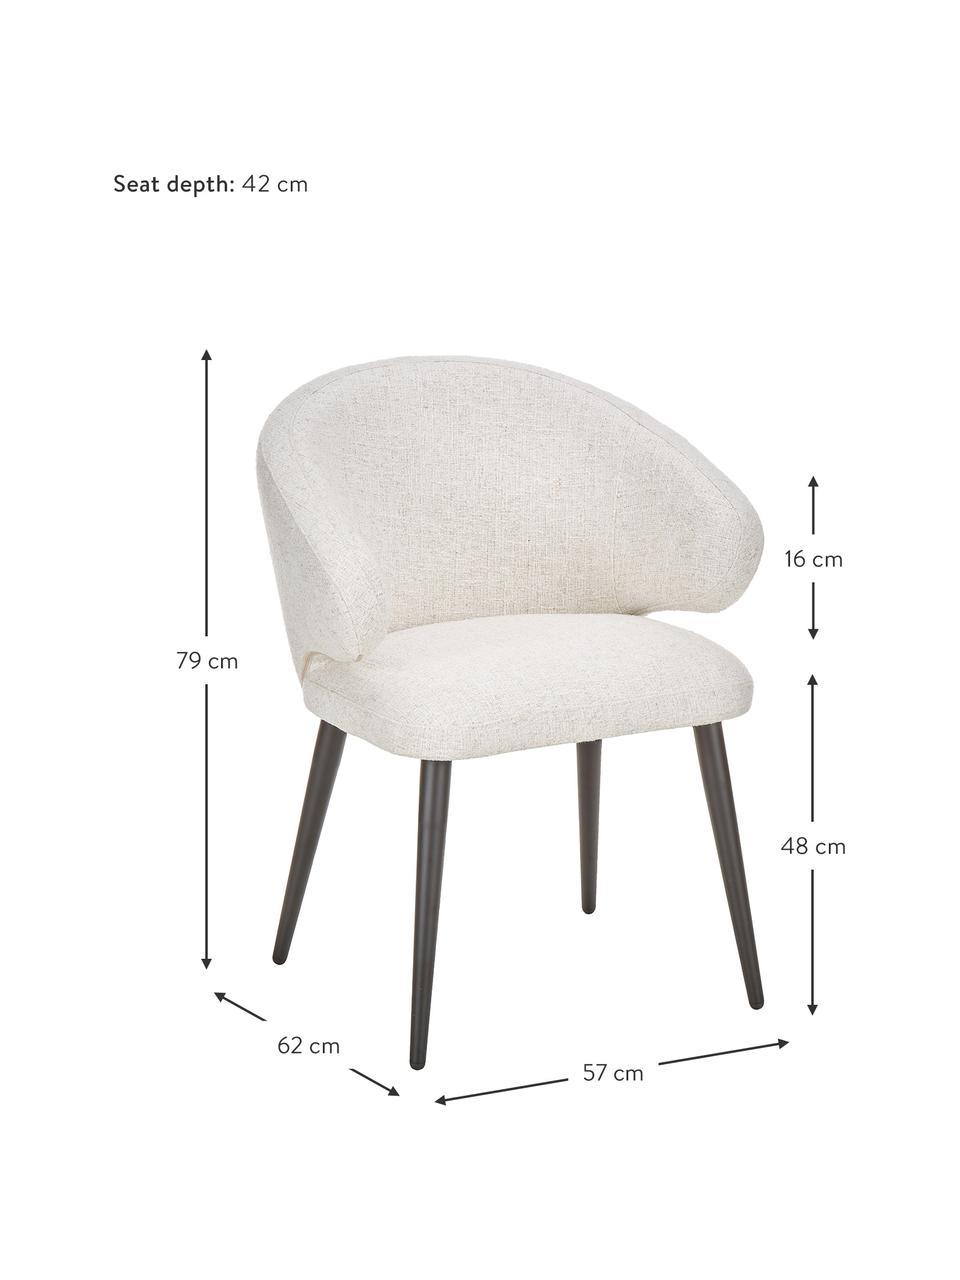 Krzesło z podłokietnikami bouclé Celia, Tapicerka: bouclé (70% poliester, 20, Nogi: metal malowany proszkowo, Kremowobiały bouclé, S 57 x G 62 cm